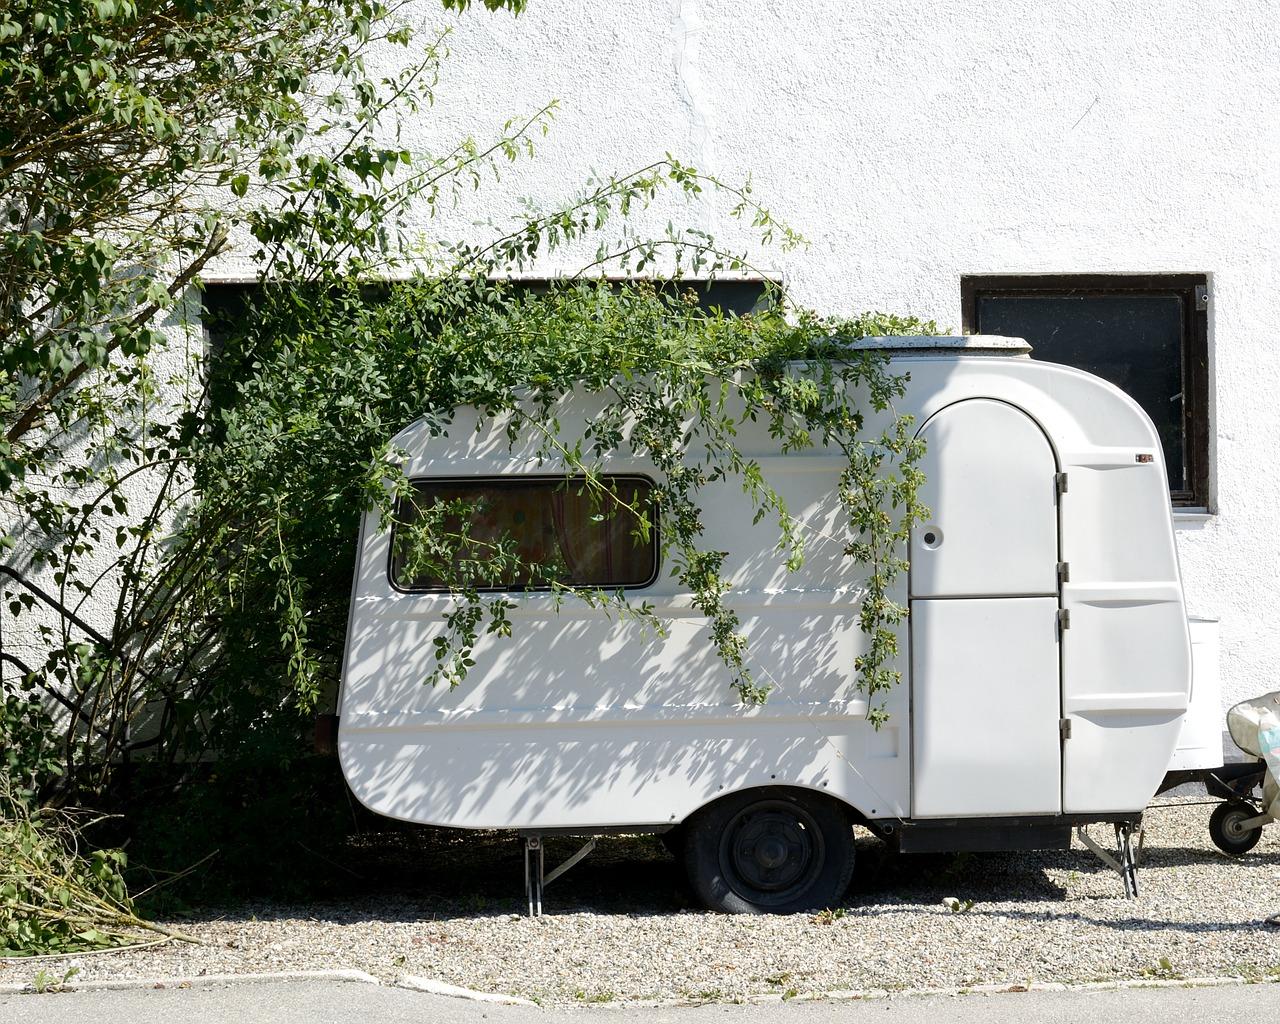 3 Spørgsmål du skal stille dig selv før du køber en campingvogn